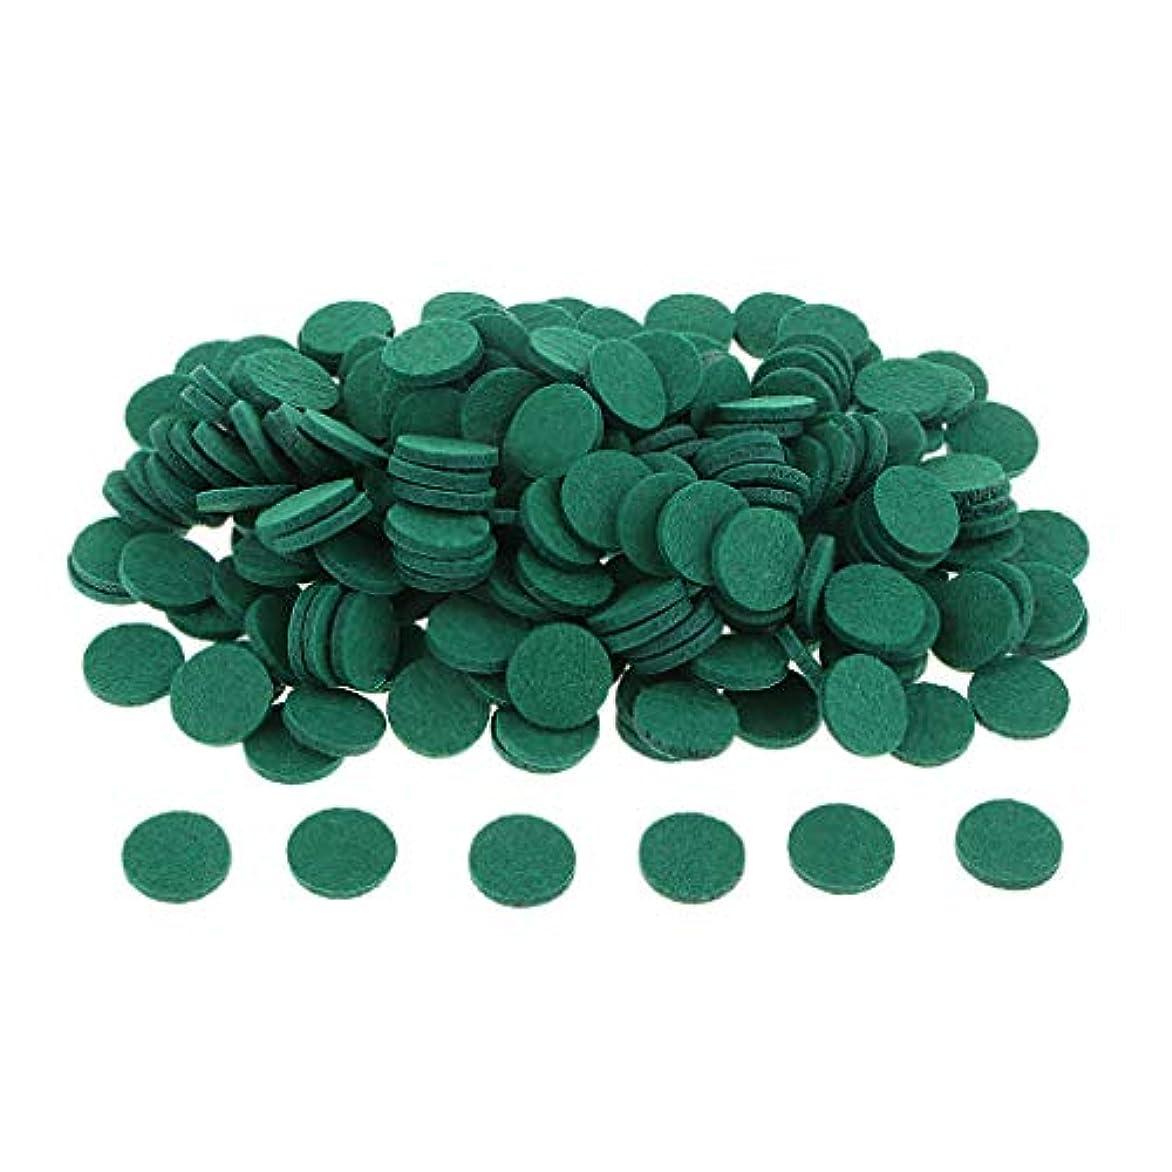 男やもめ優れた充電gazechimp 約200個入り 詰め替えパッド アロマオイルパッド パッド 詰め替え エッセンシャルオイル 部屋 全11色 - 緑